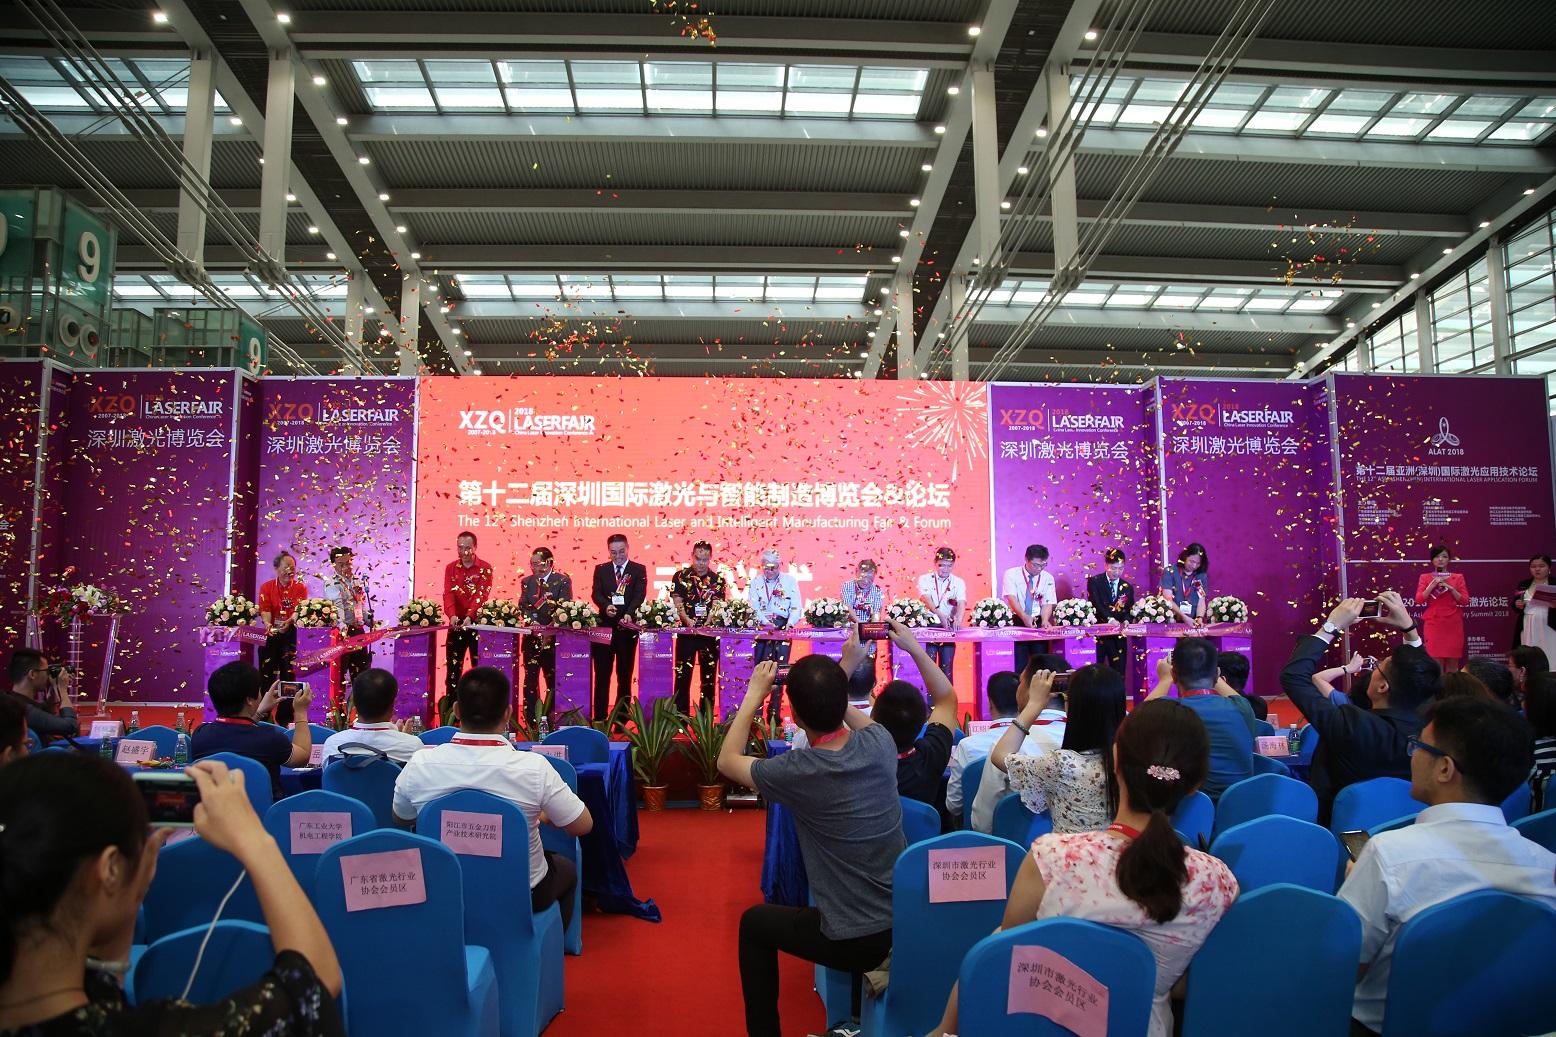 第十三届中国激博会(LASERFAIR 2019)邀您共享激光之旅